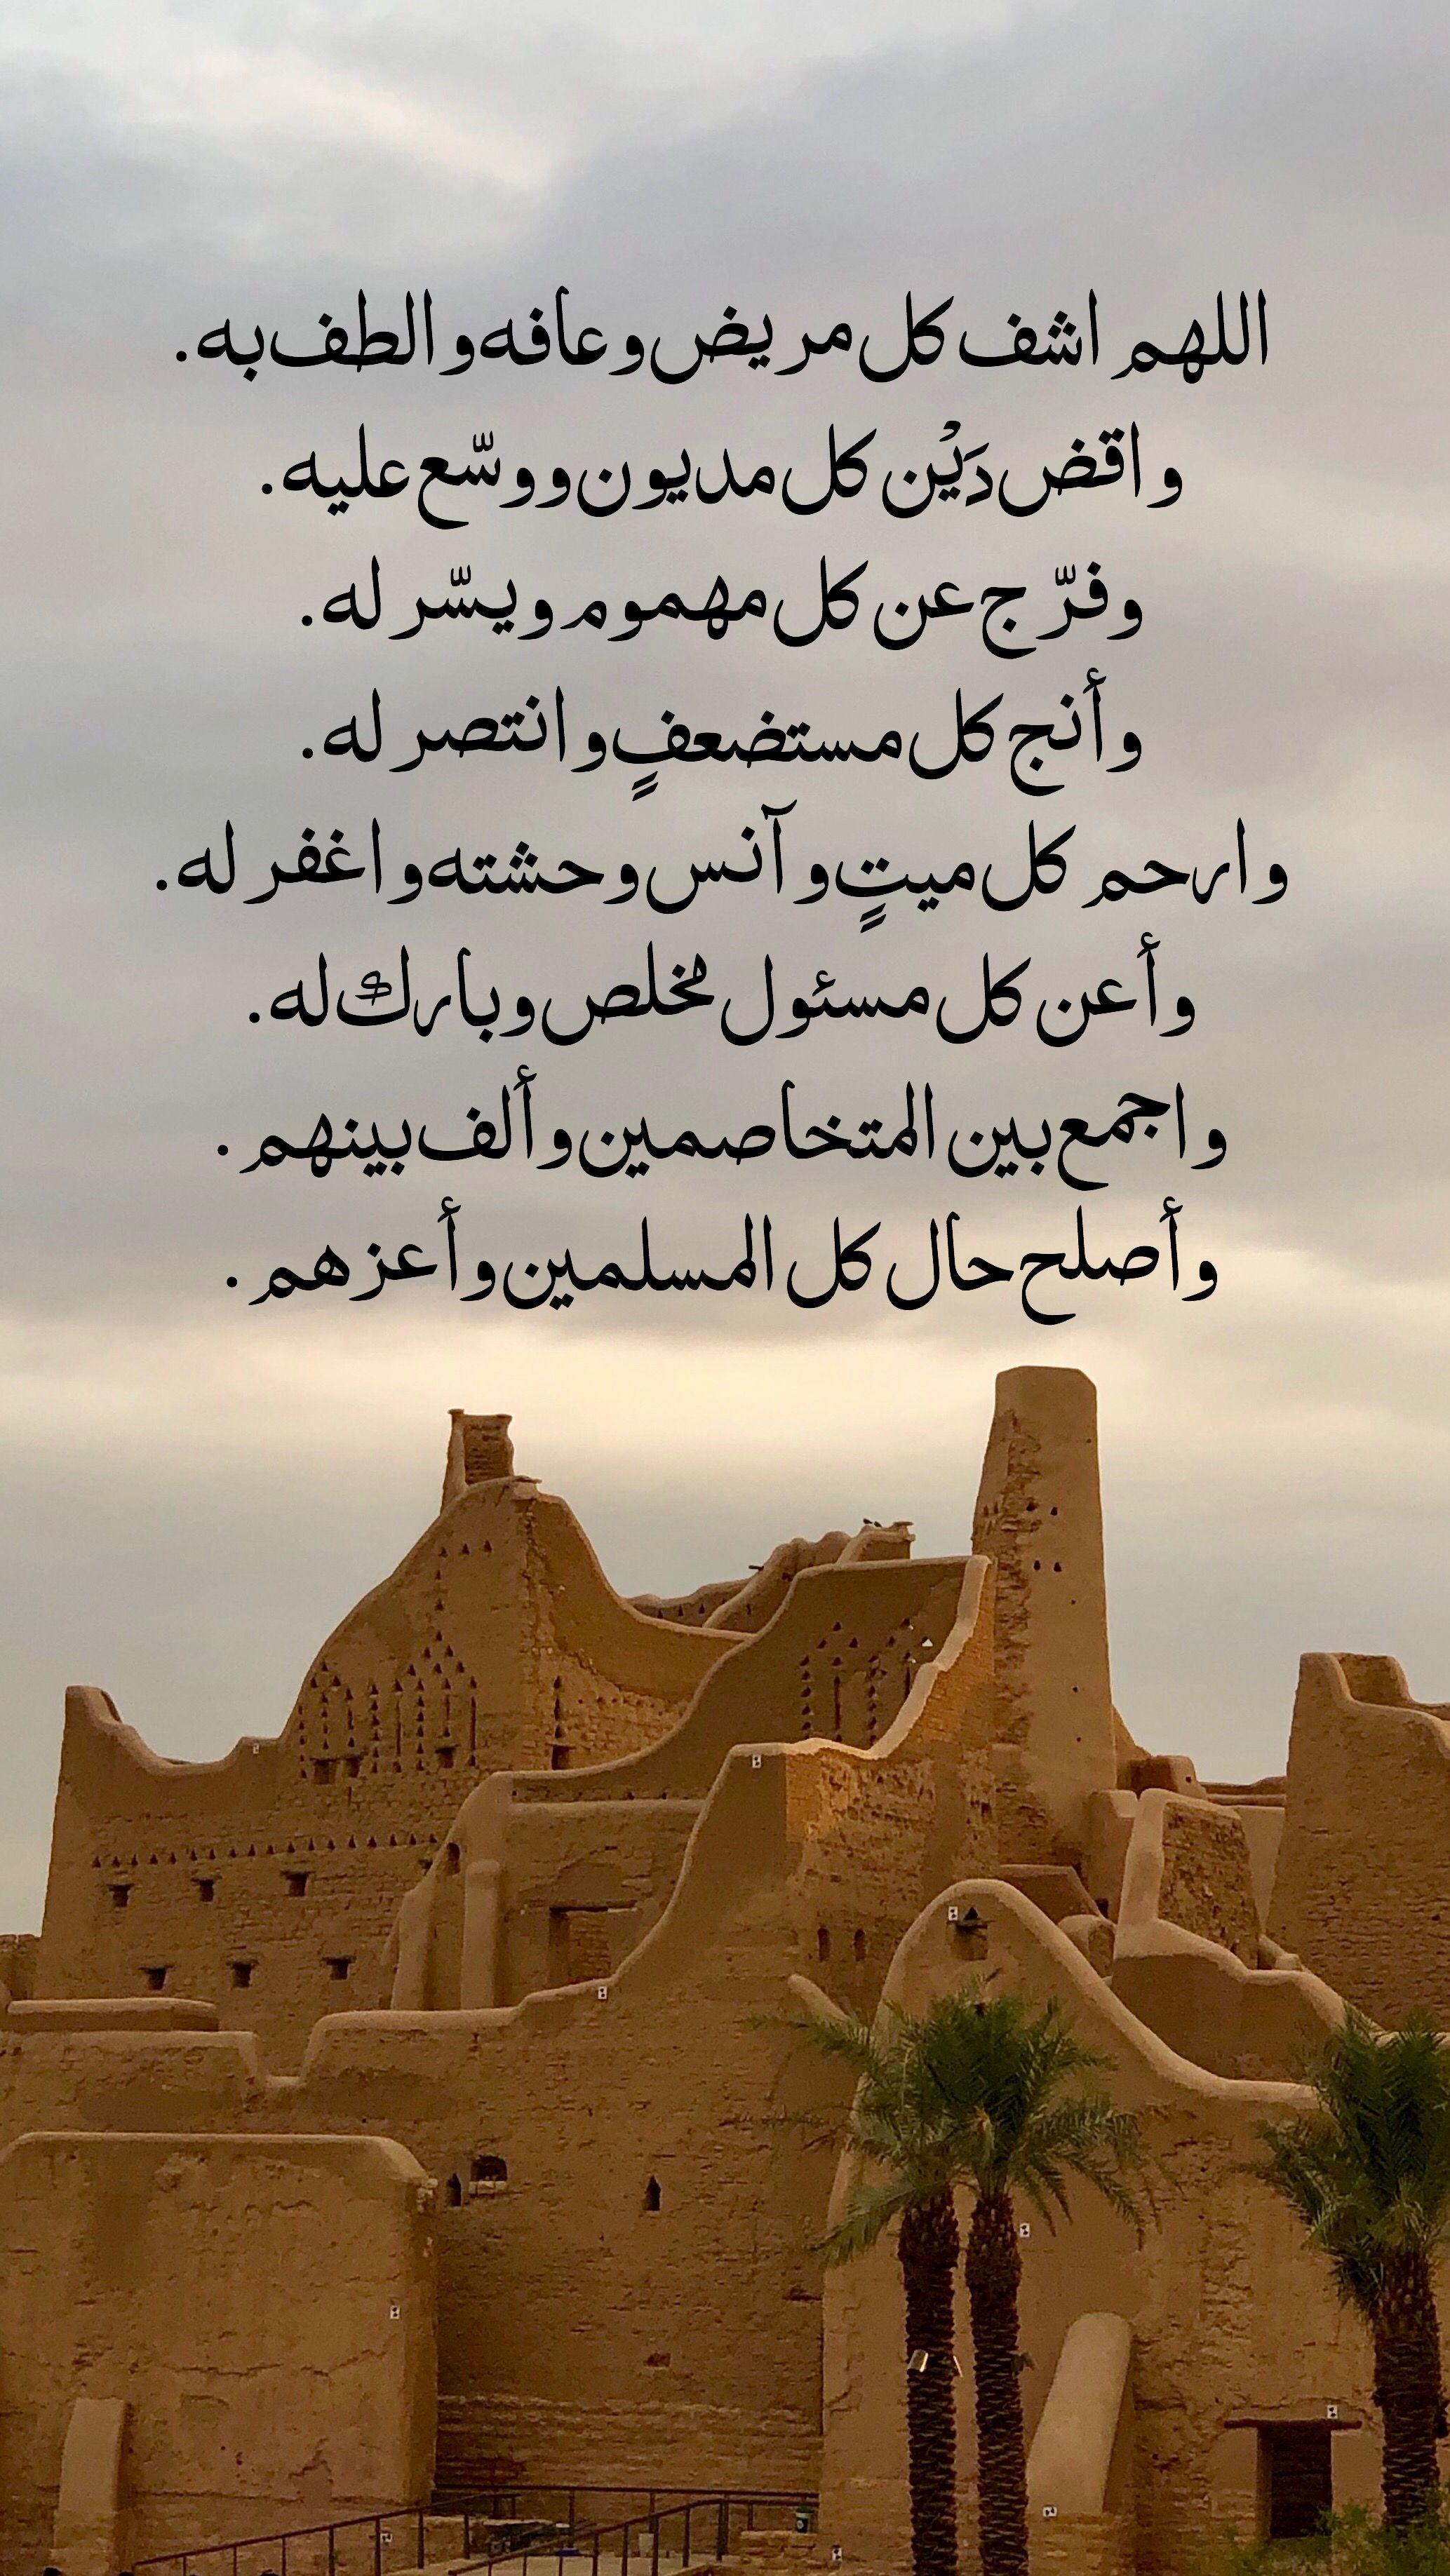 اللهم انس وحشته